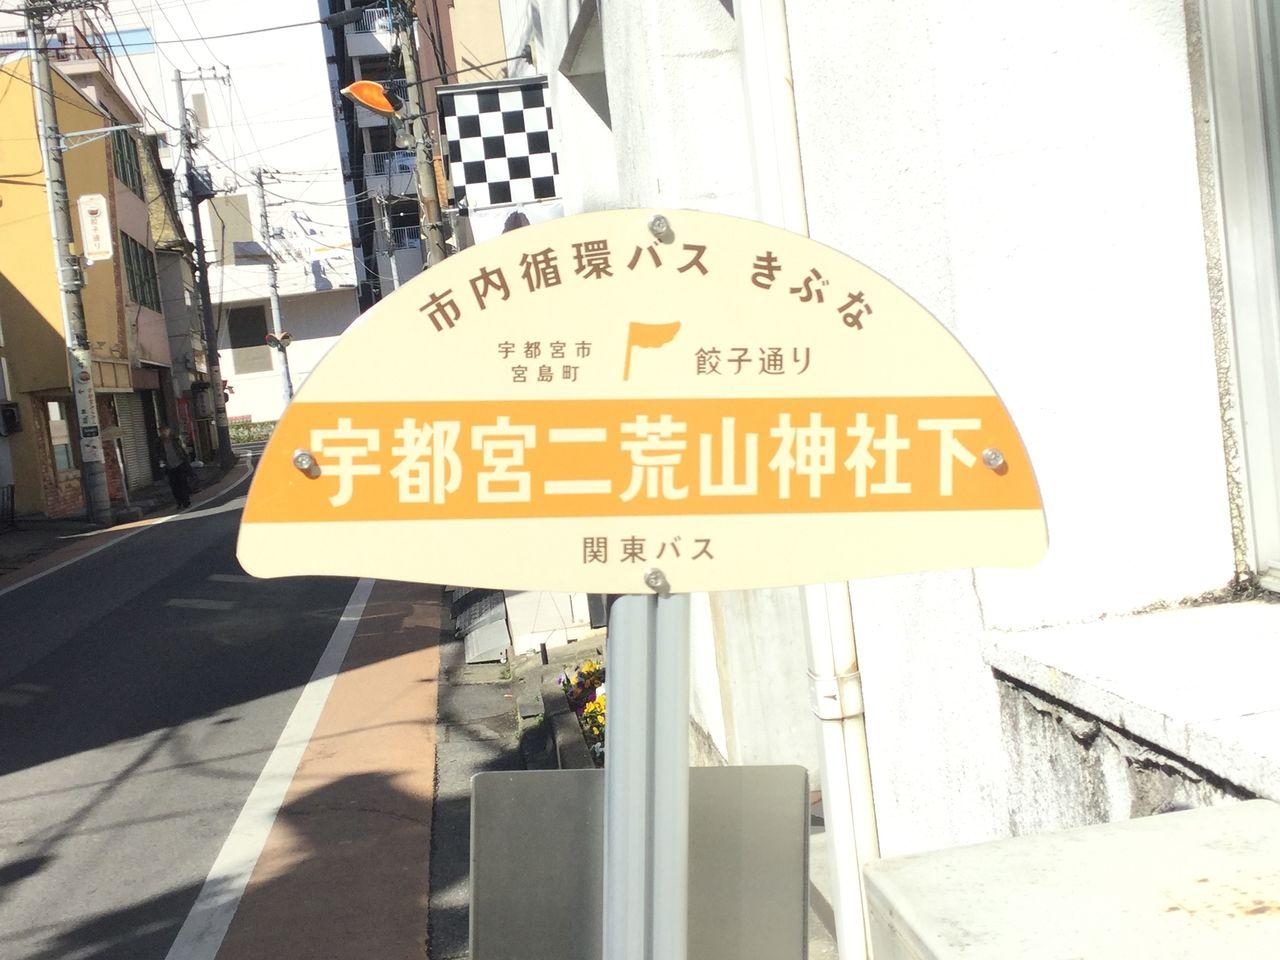 宇都宮市餃子通り バス停 餃子のかたち